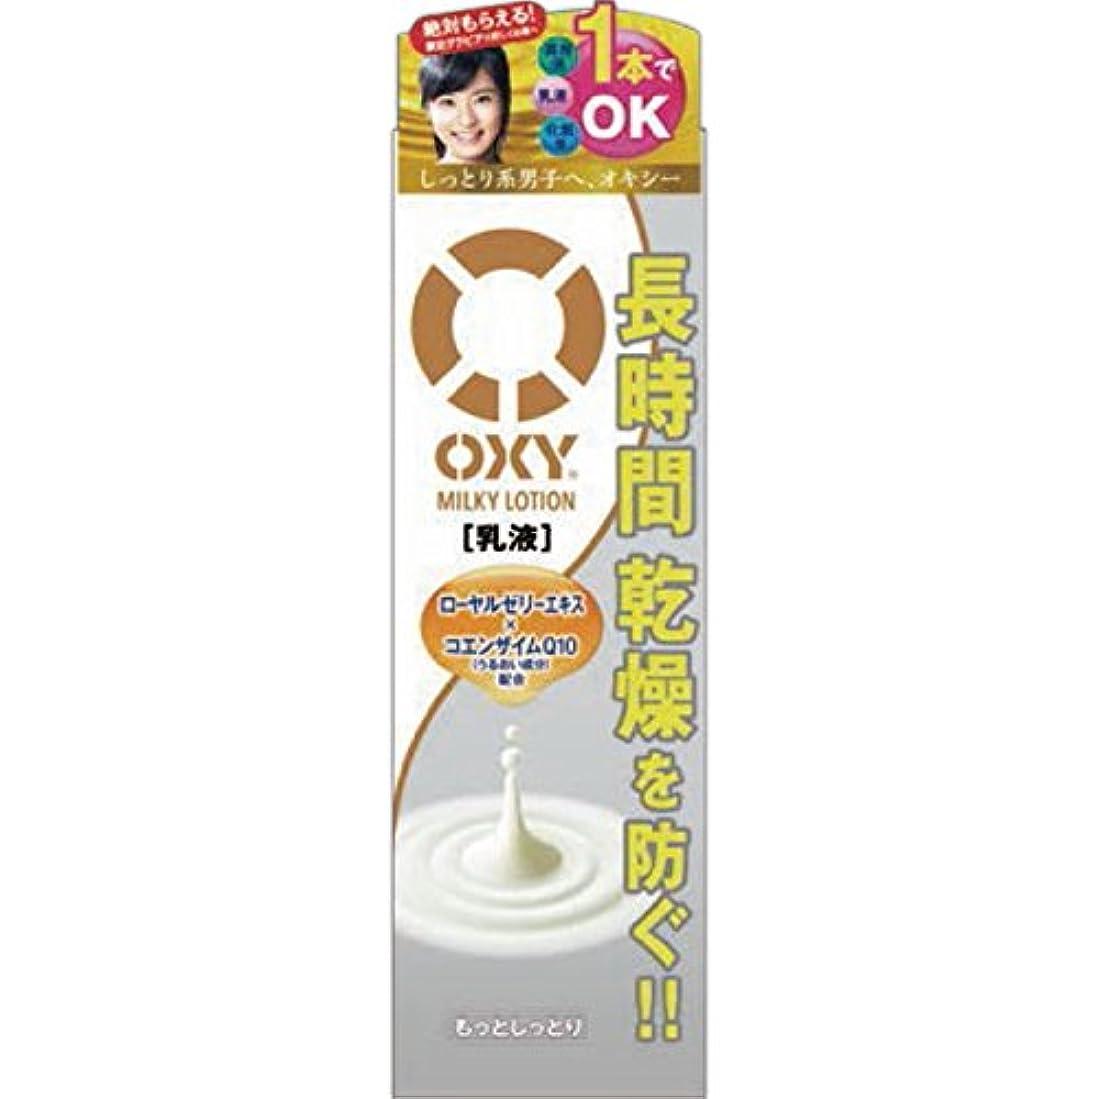 手当破裂スクレーパーオキシー (Oxy) ミルキーローション オールインワン乳液 スーパーヒアルロン酸×ローヤルゼリー配合 ゼラニウムの香 170mL